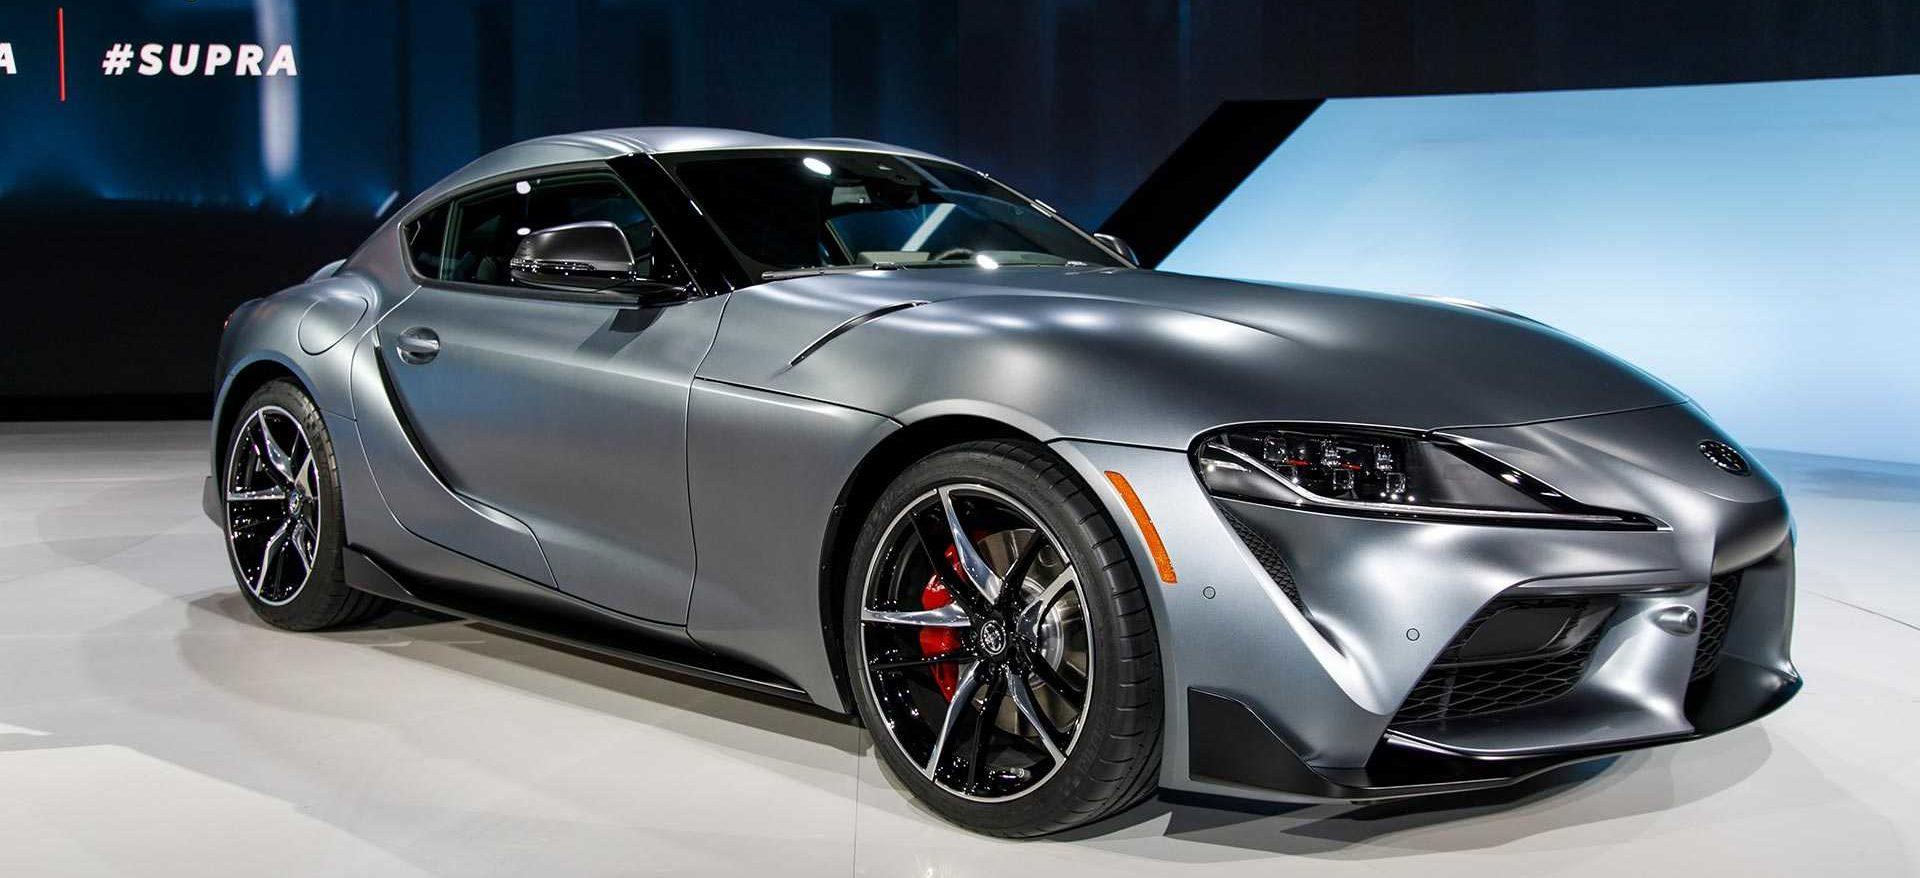 Kelebihan Toyota Bmw Top Model Tahun Ini